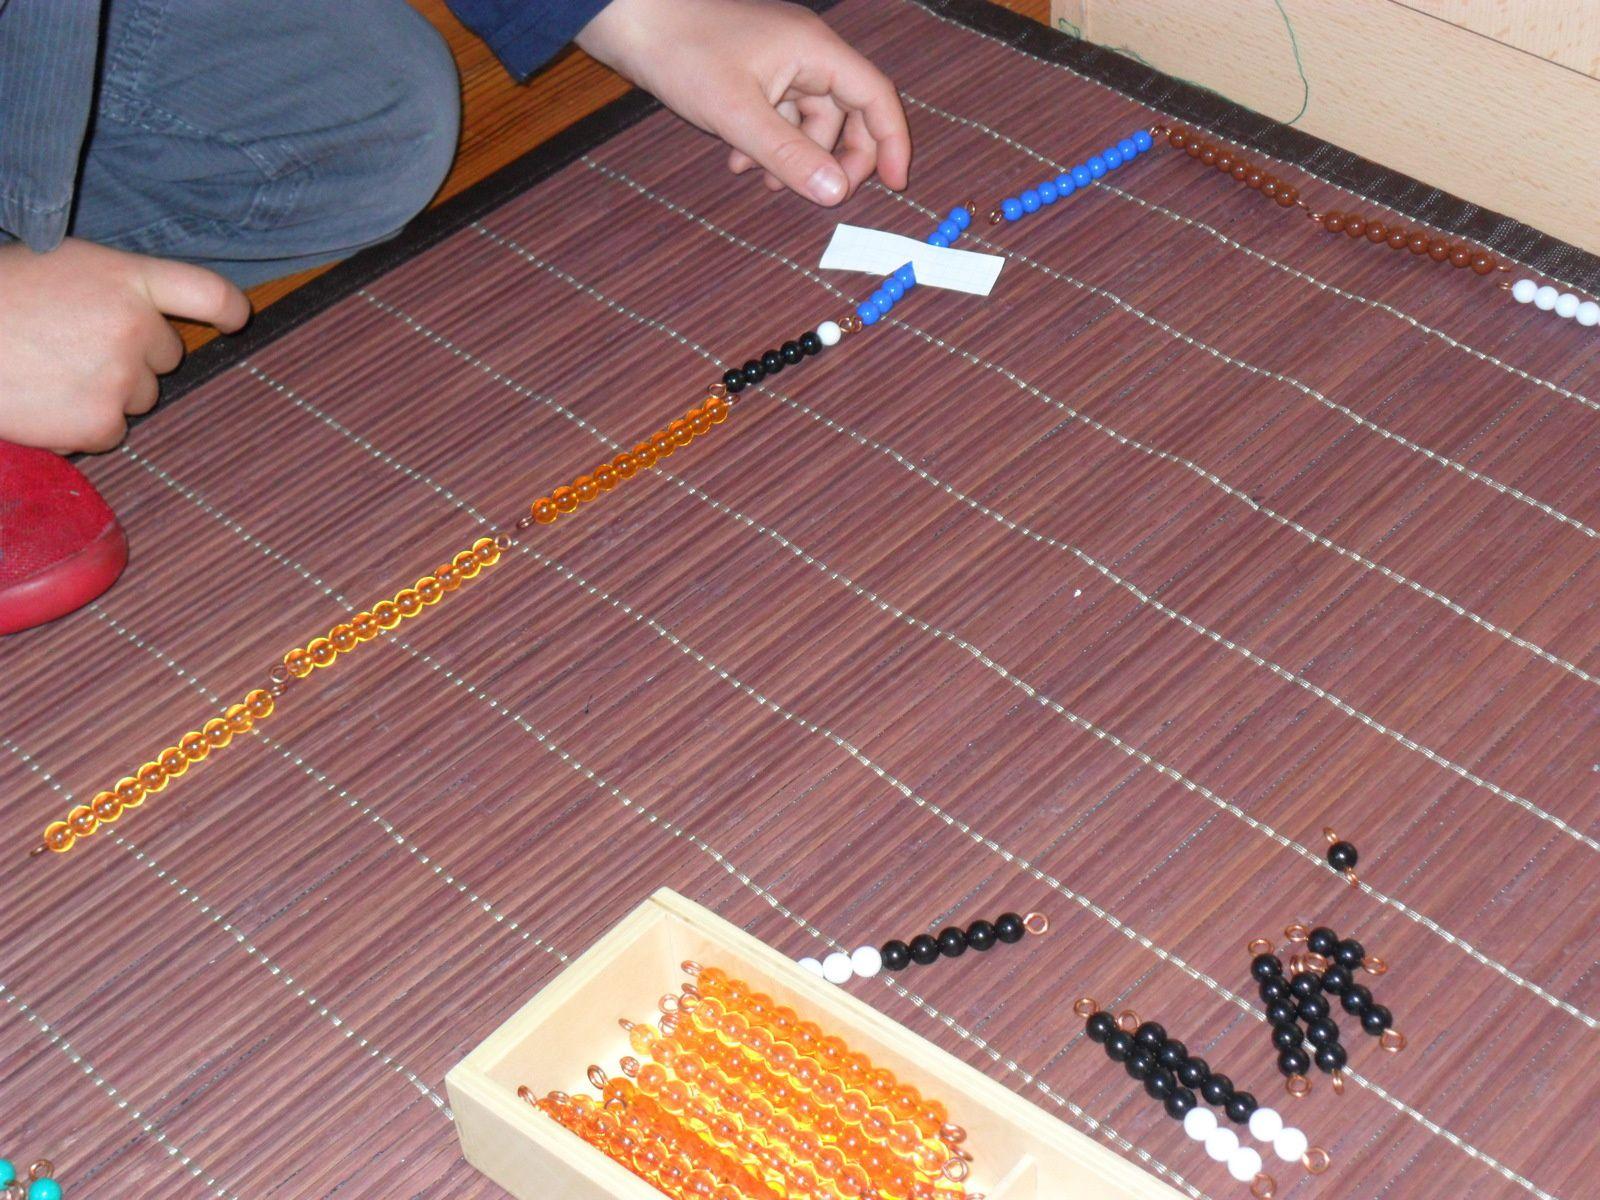 Barrette noire et blanche : 6 + 4 perles de la barrette bleue = 10, reste 5 qu'il va remplacer par une barrette noire.